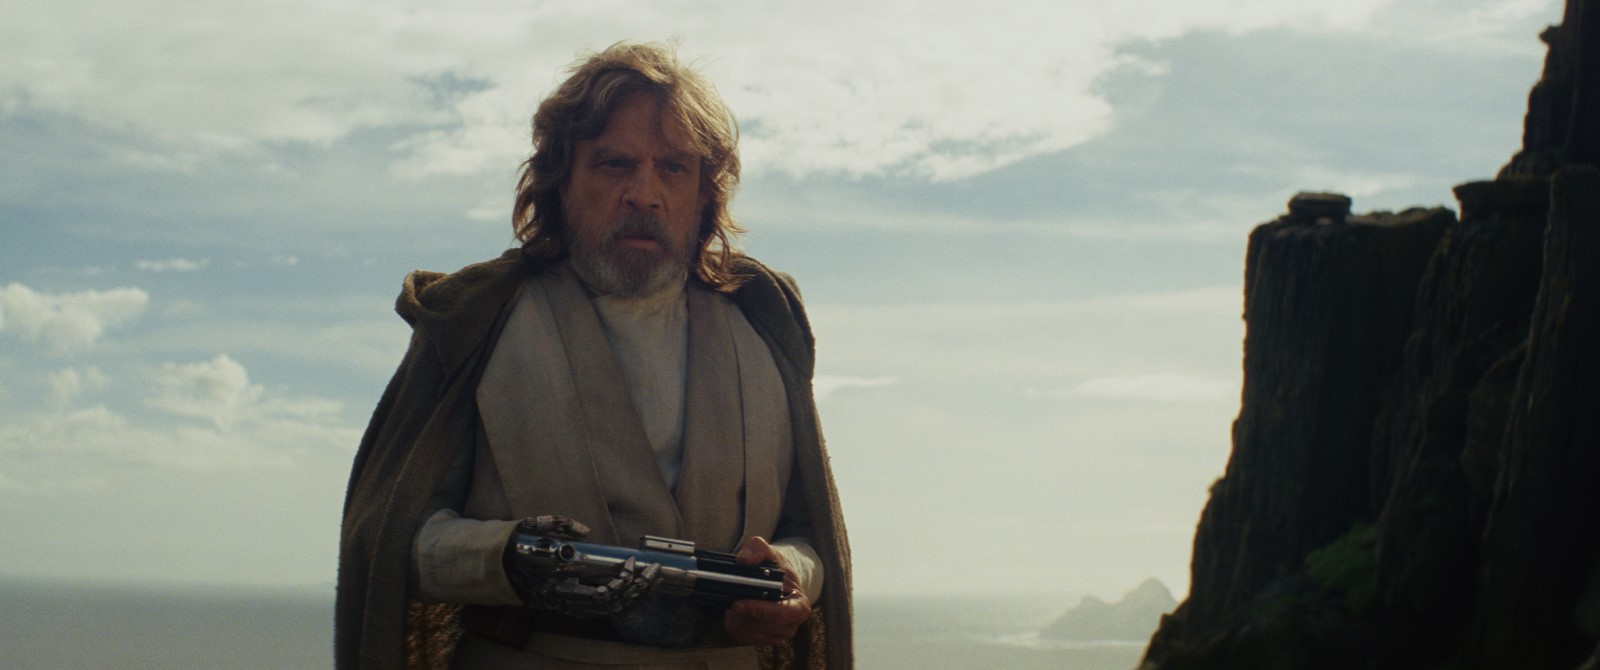 8 - Star Wars Les Derniers Jedi LE FILM - Vos Avis . SPOILER 3250077